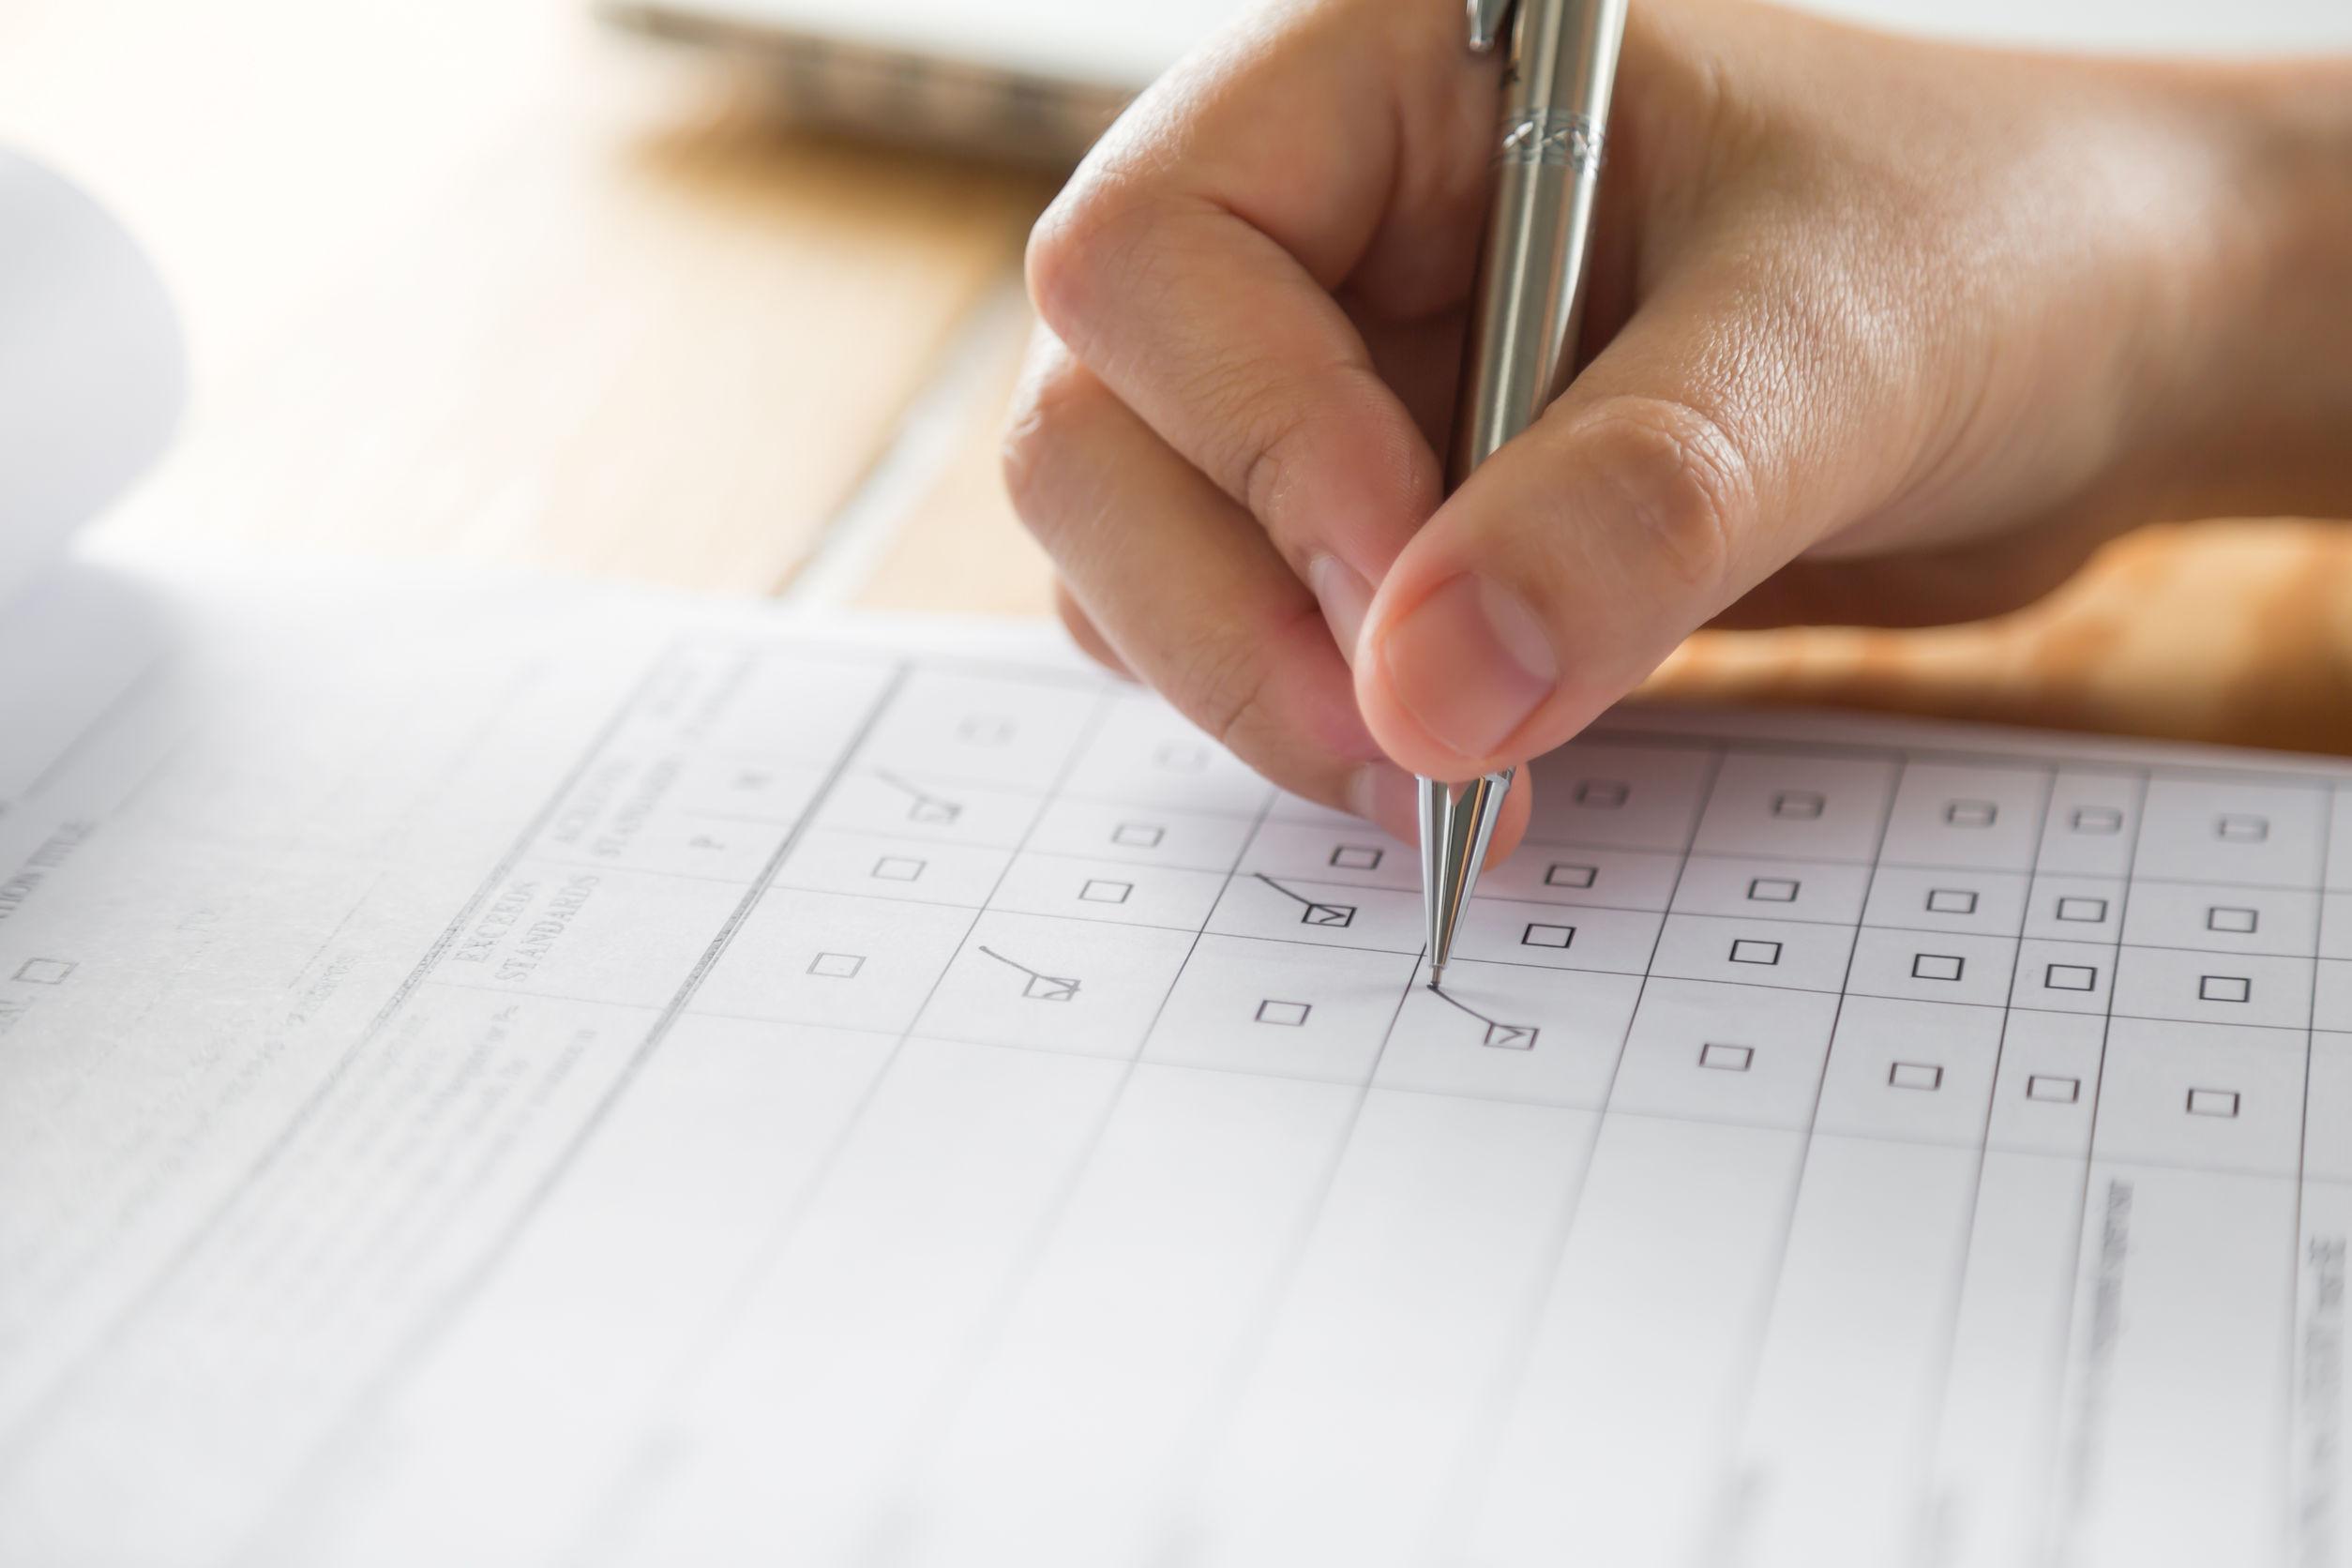 Legionella checklist for landlords